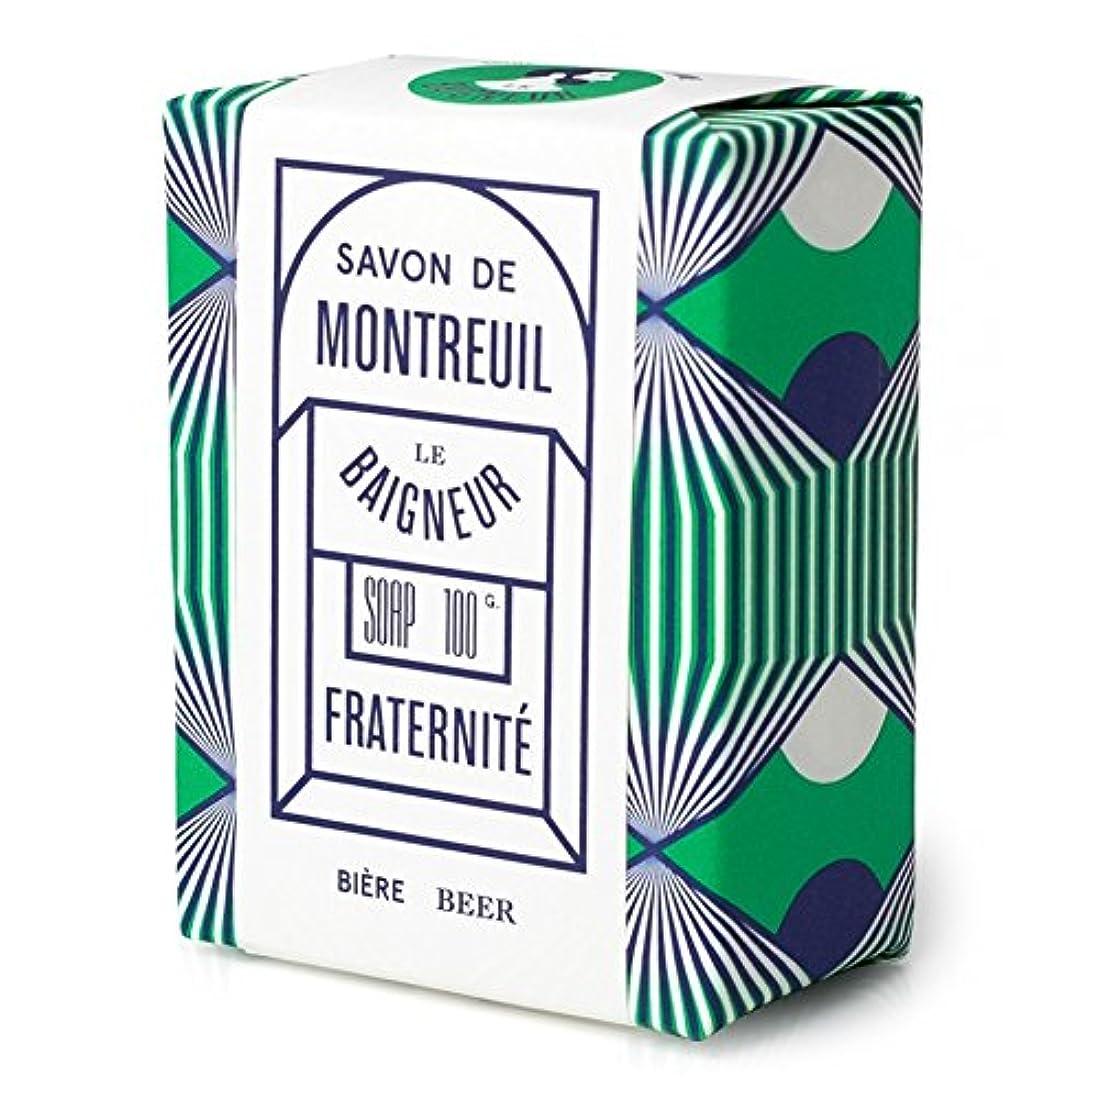 噴出するまとめる接続されたル 石鹸100グラム x4 - Le Baigneur Fraternite Soap 100g (Pack of 4) [並行輸入品]